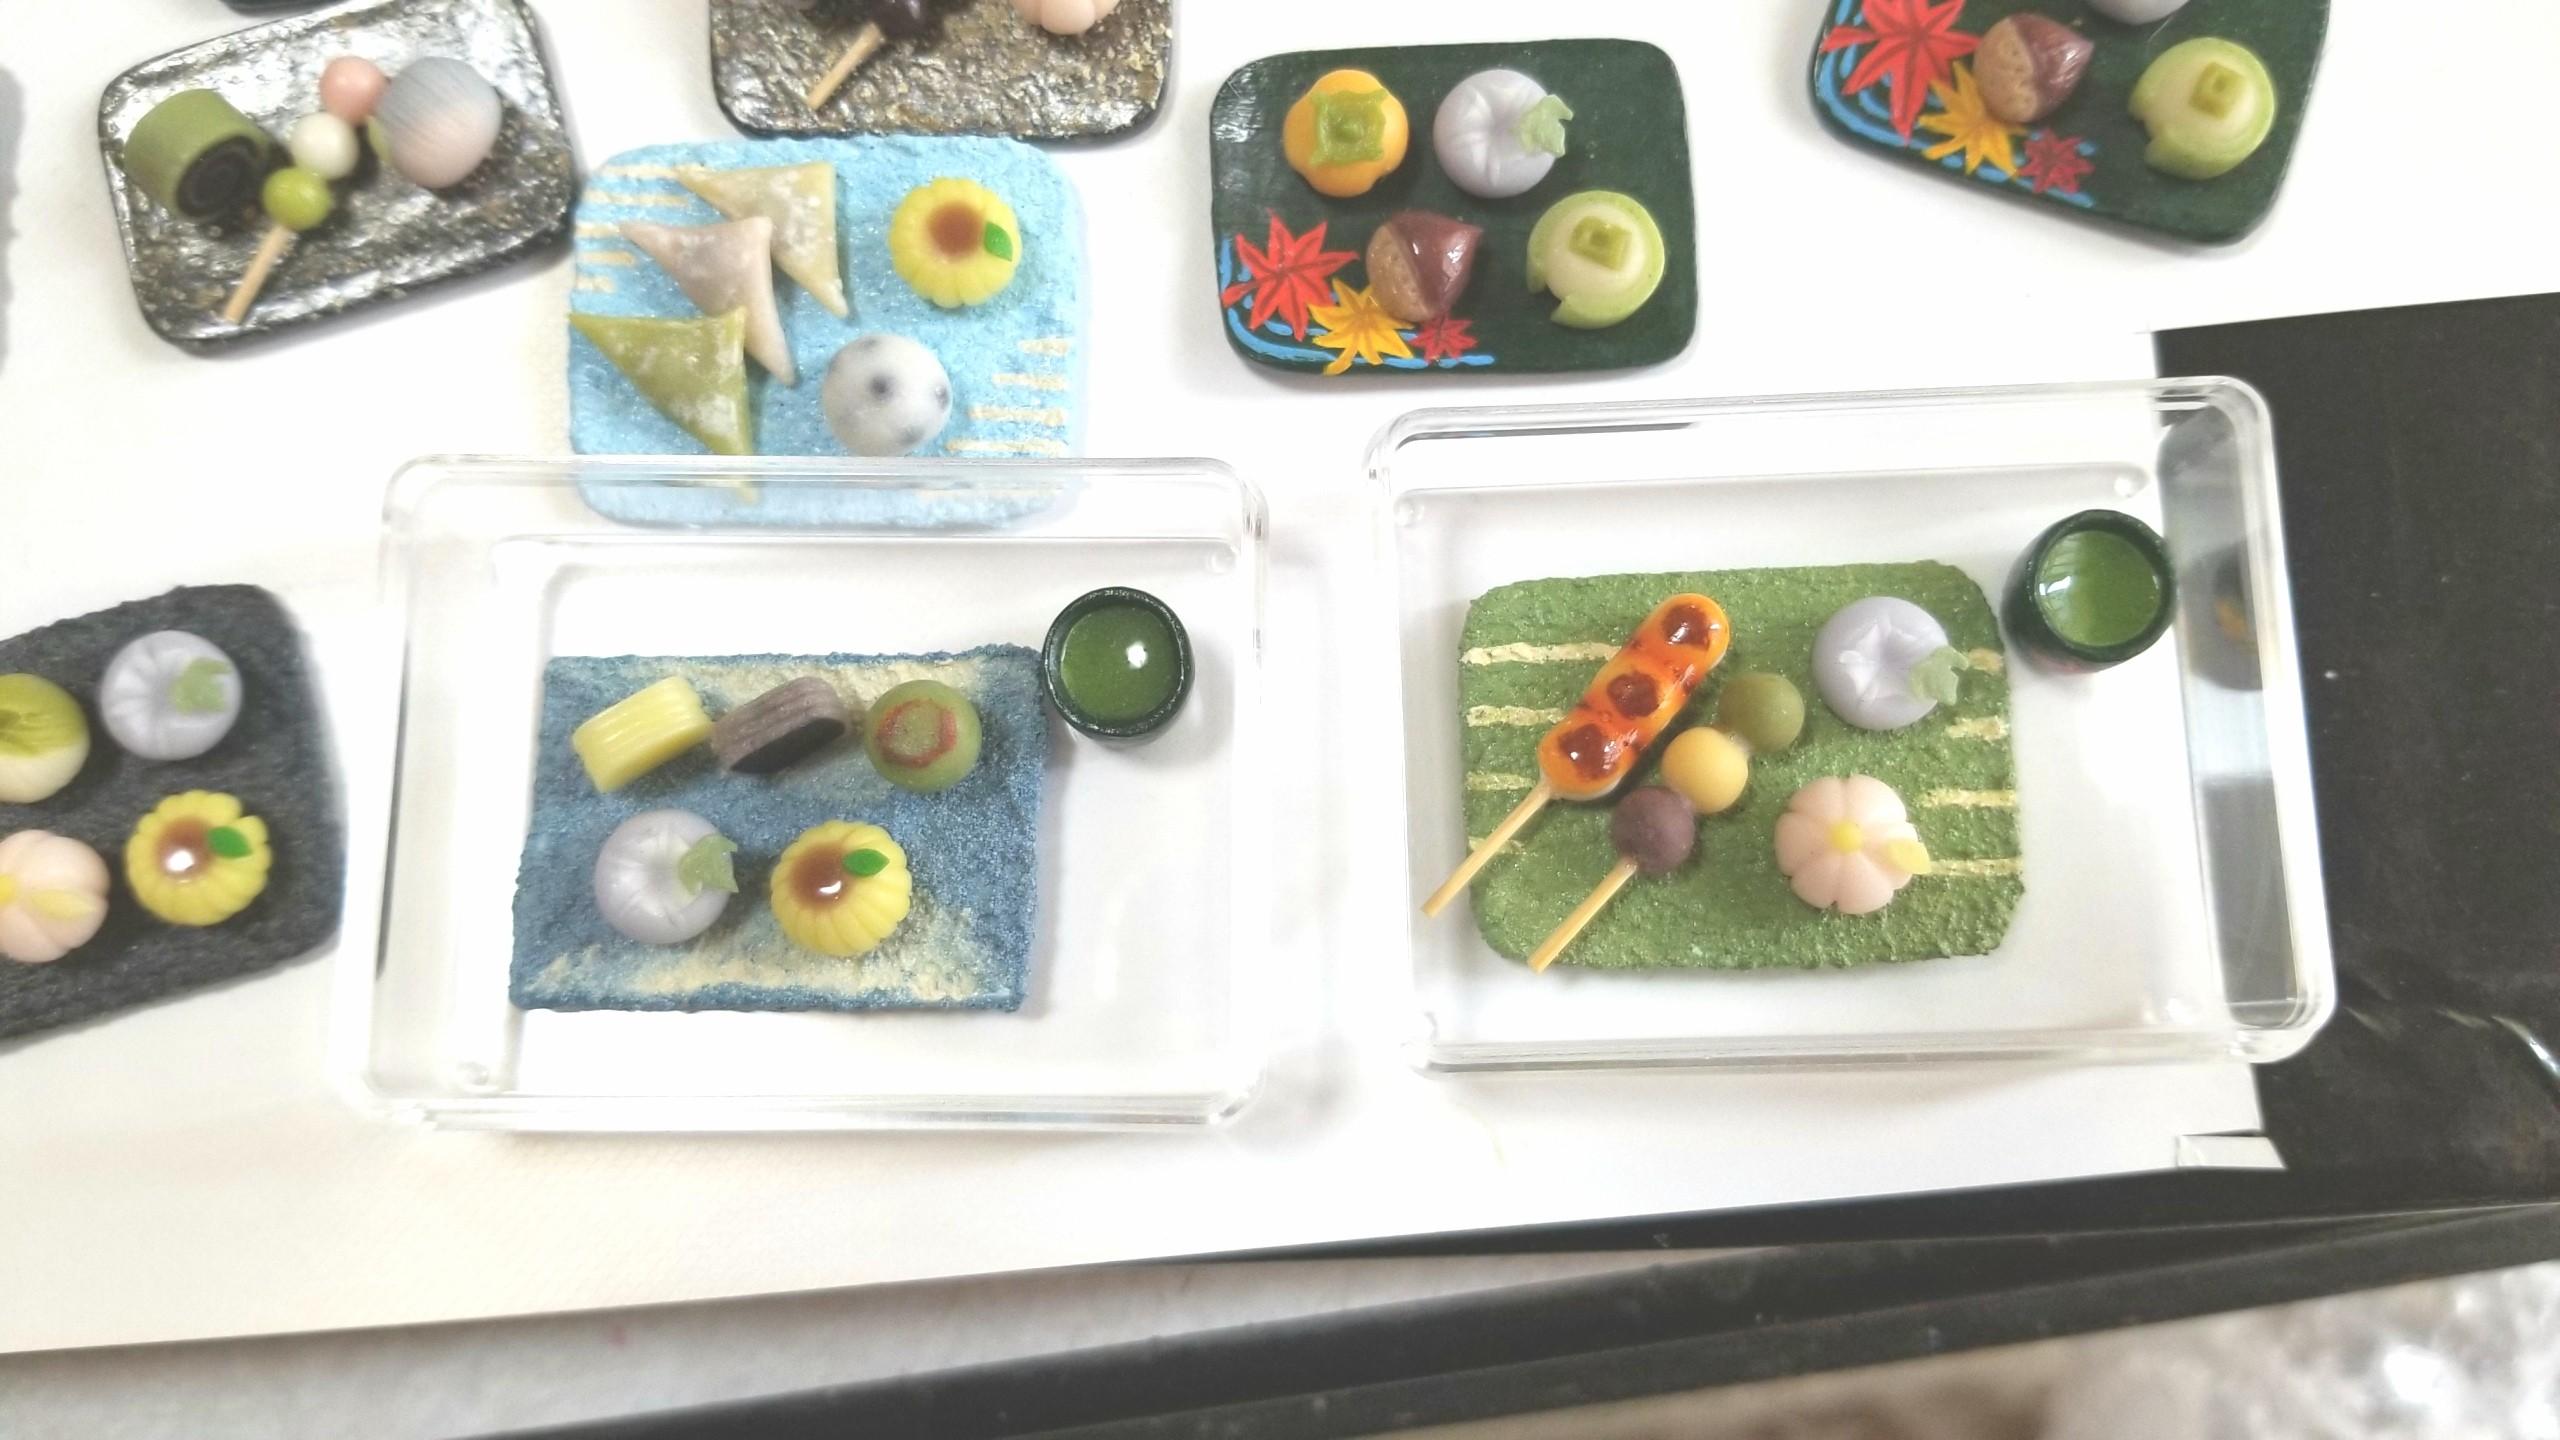 和菓子セット用,おぼんの作り方,ミニチュア,桧,木材,ドールハウス